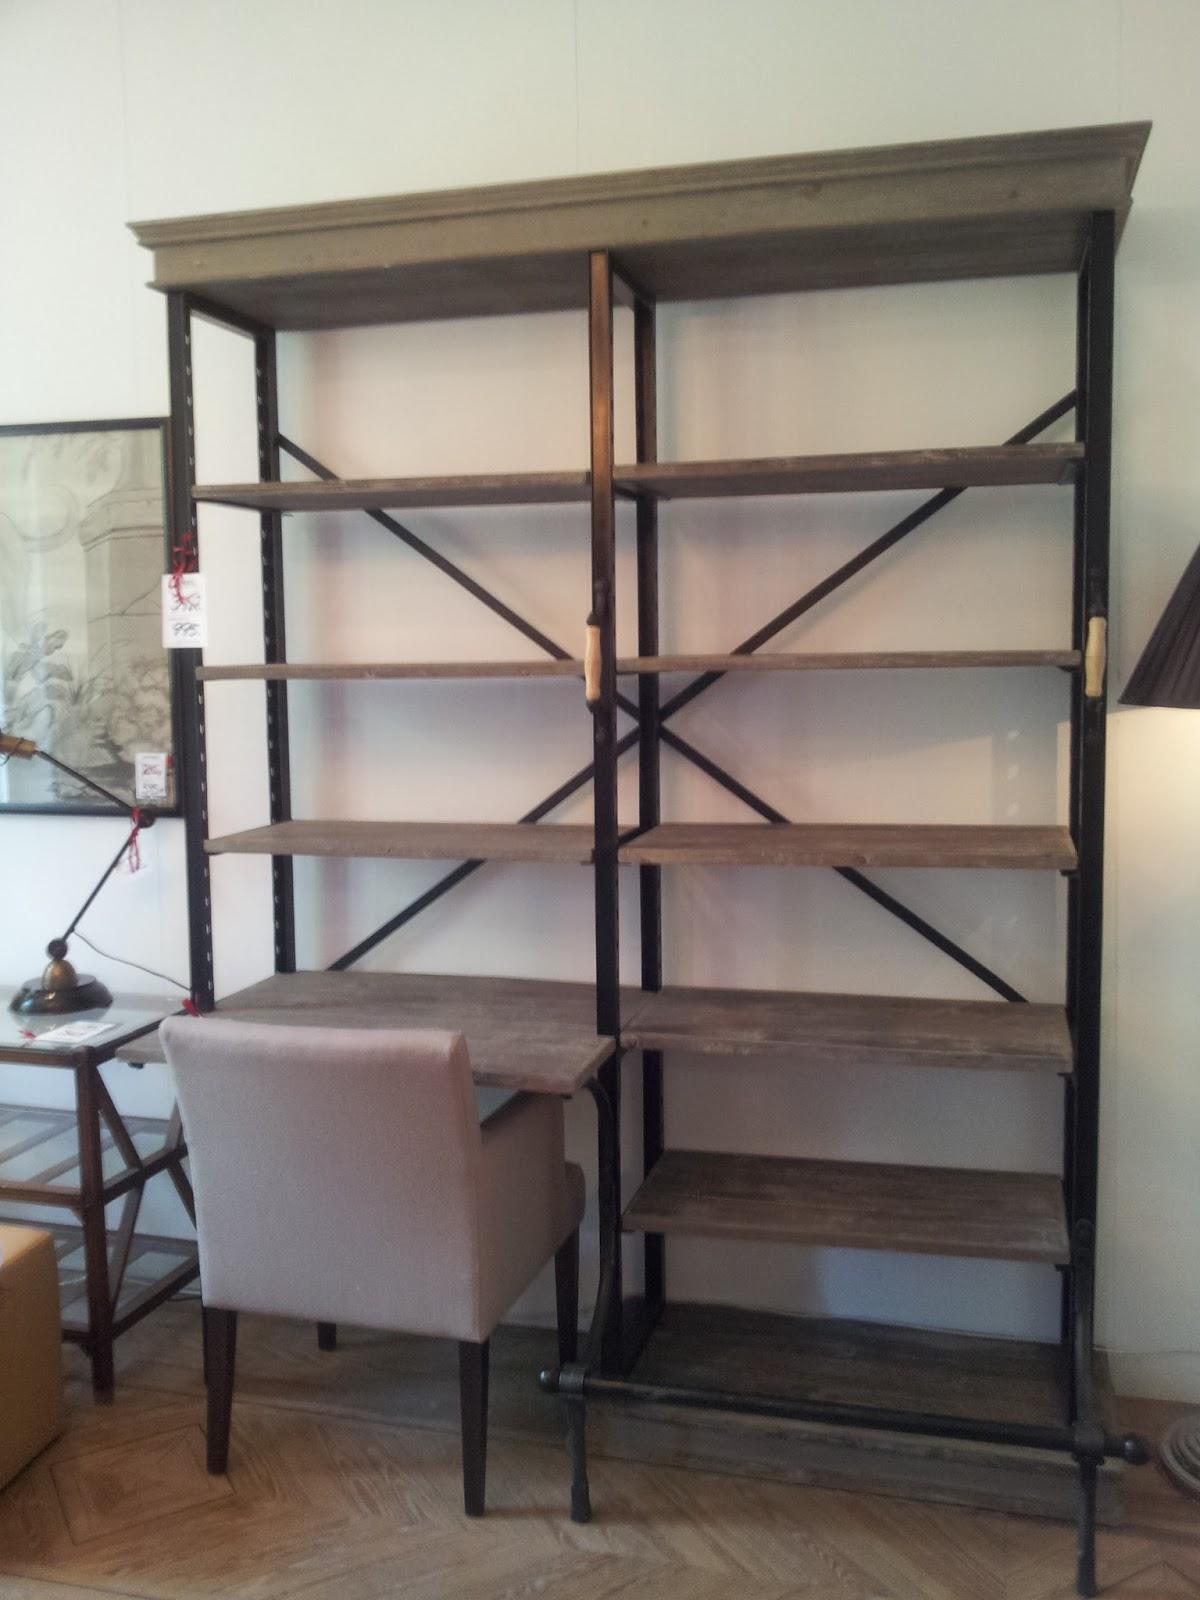 Marta decoycina hierro con estilo for Fotos de librerias de salon